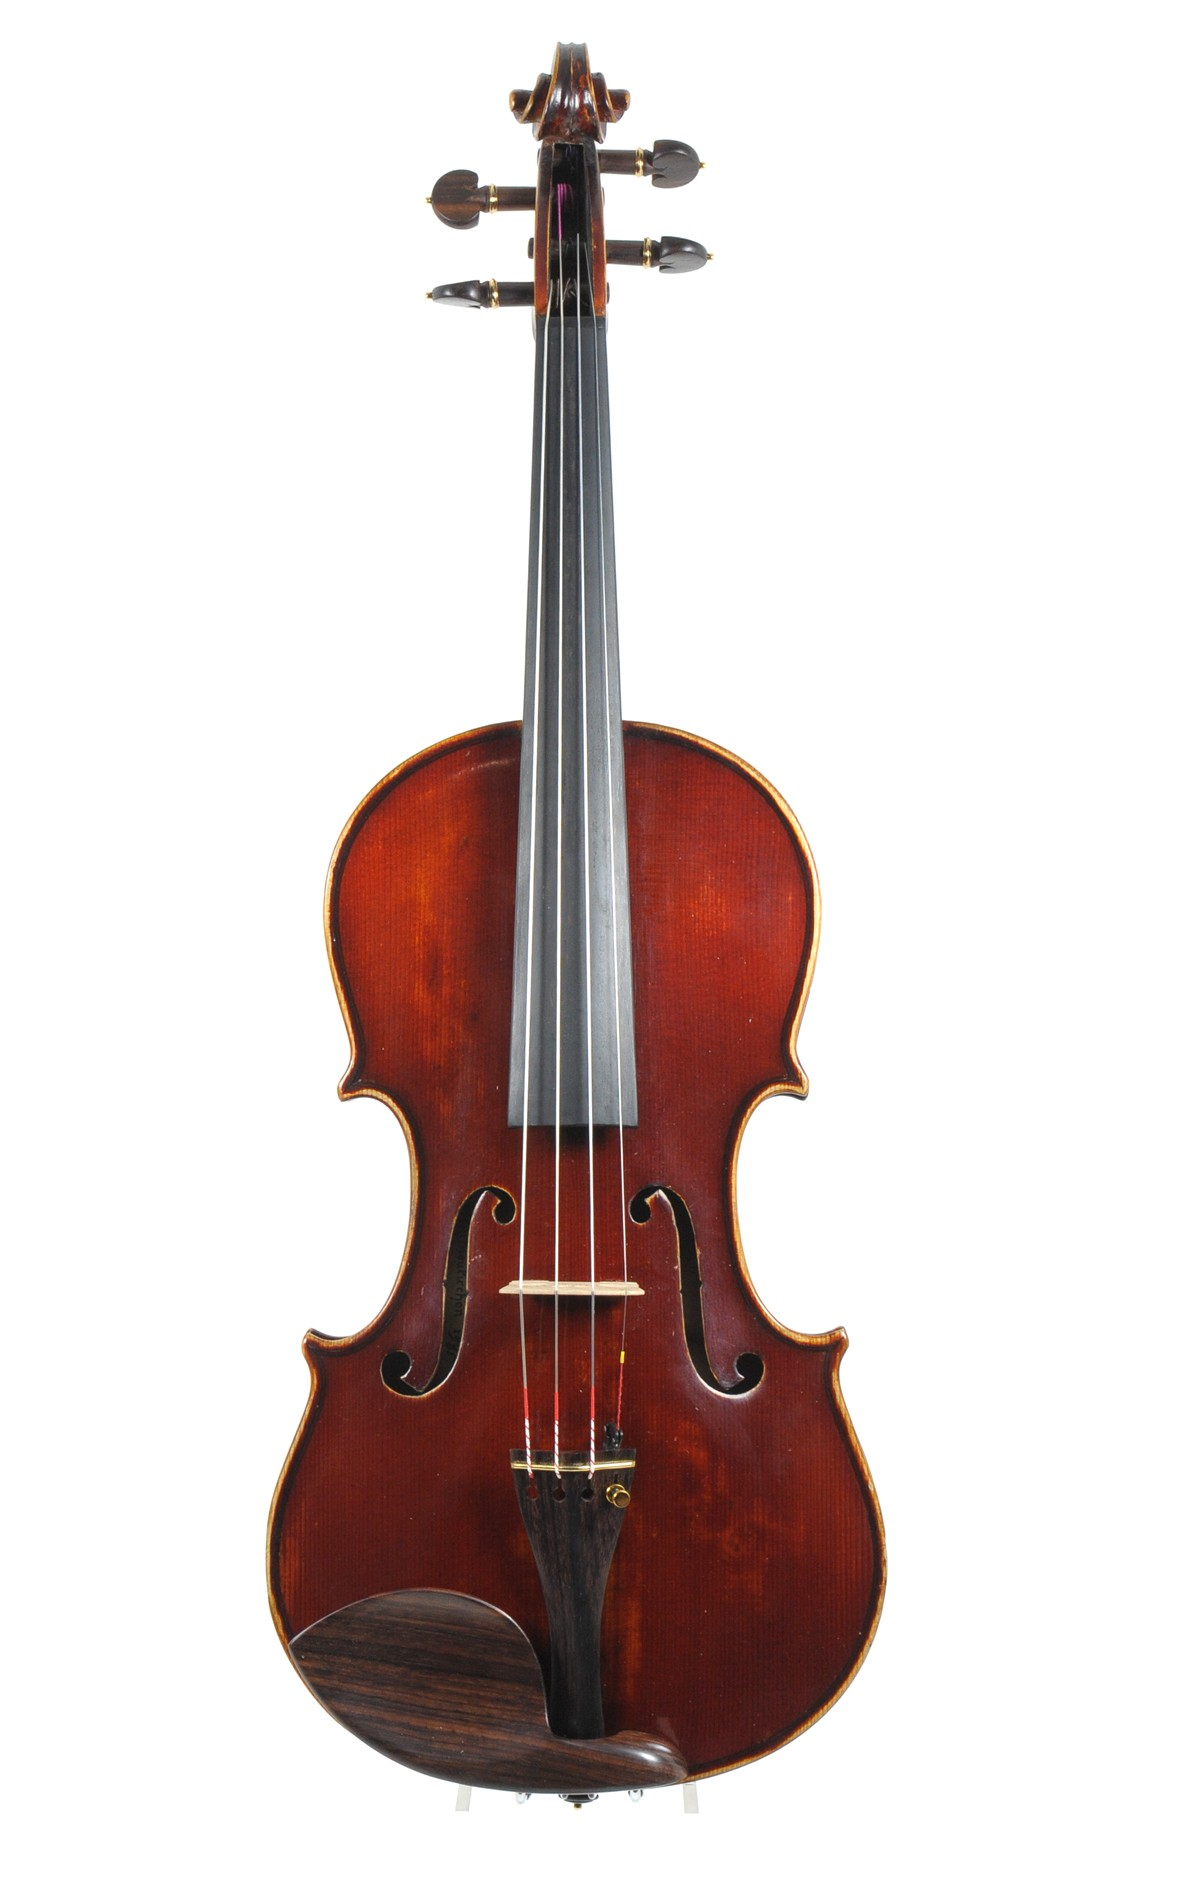 Markneukirchen violin, Carl Gottlob Schuster